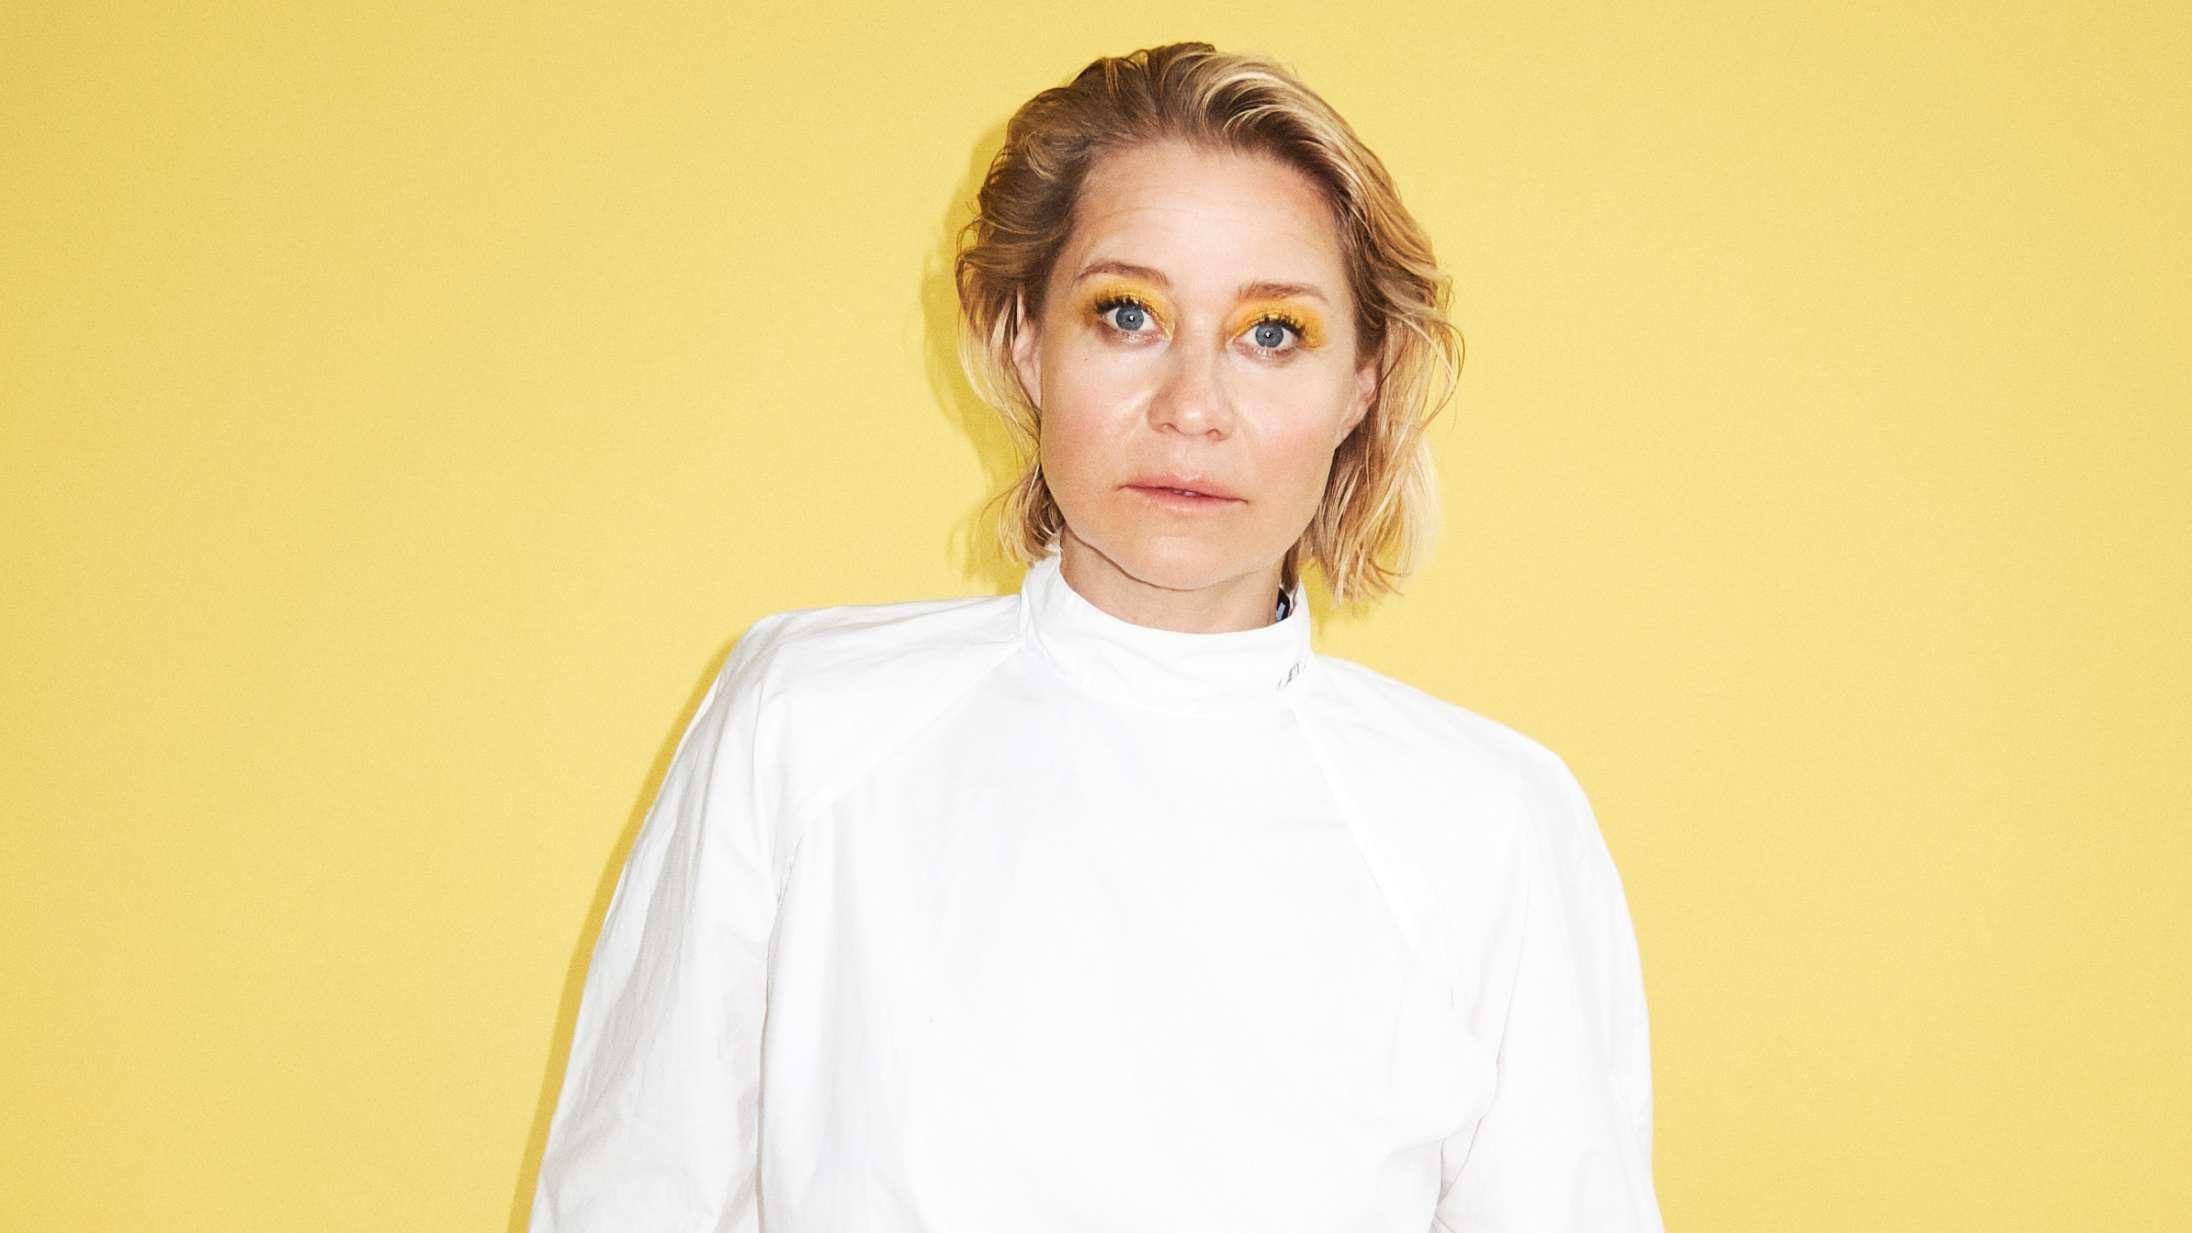 Soundvenue præsenterer: Oplev Trine Dyrholm live i eksklusiv samtale om karrieren – og se hendes kraftpræstation i 'Margrete Den Første'